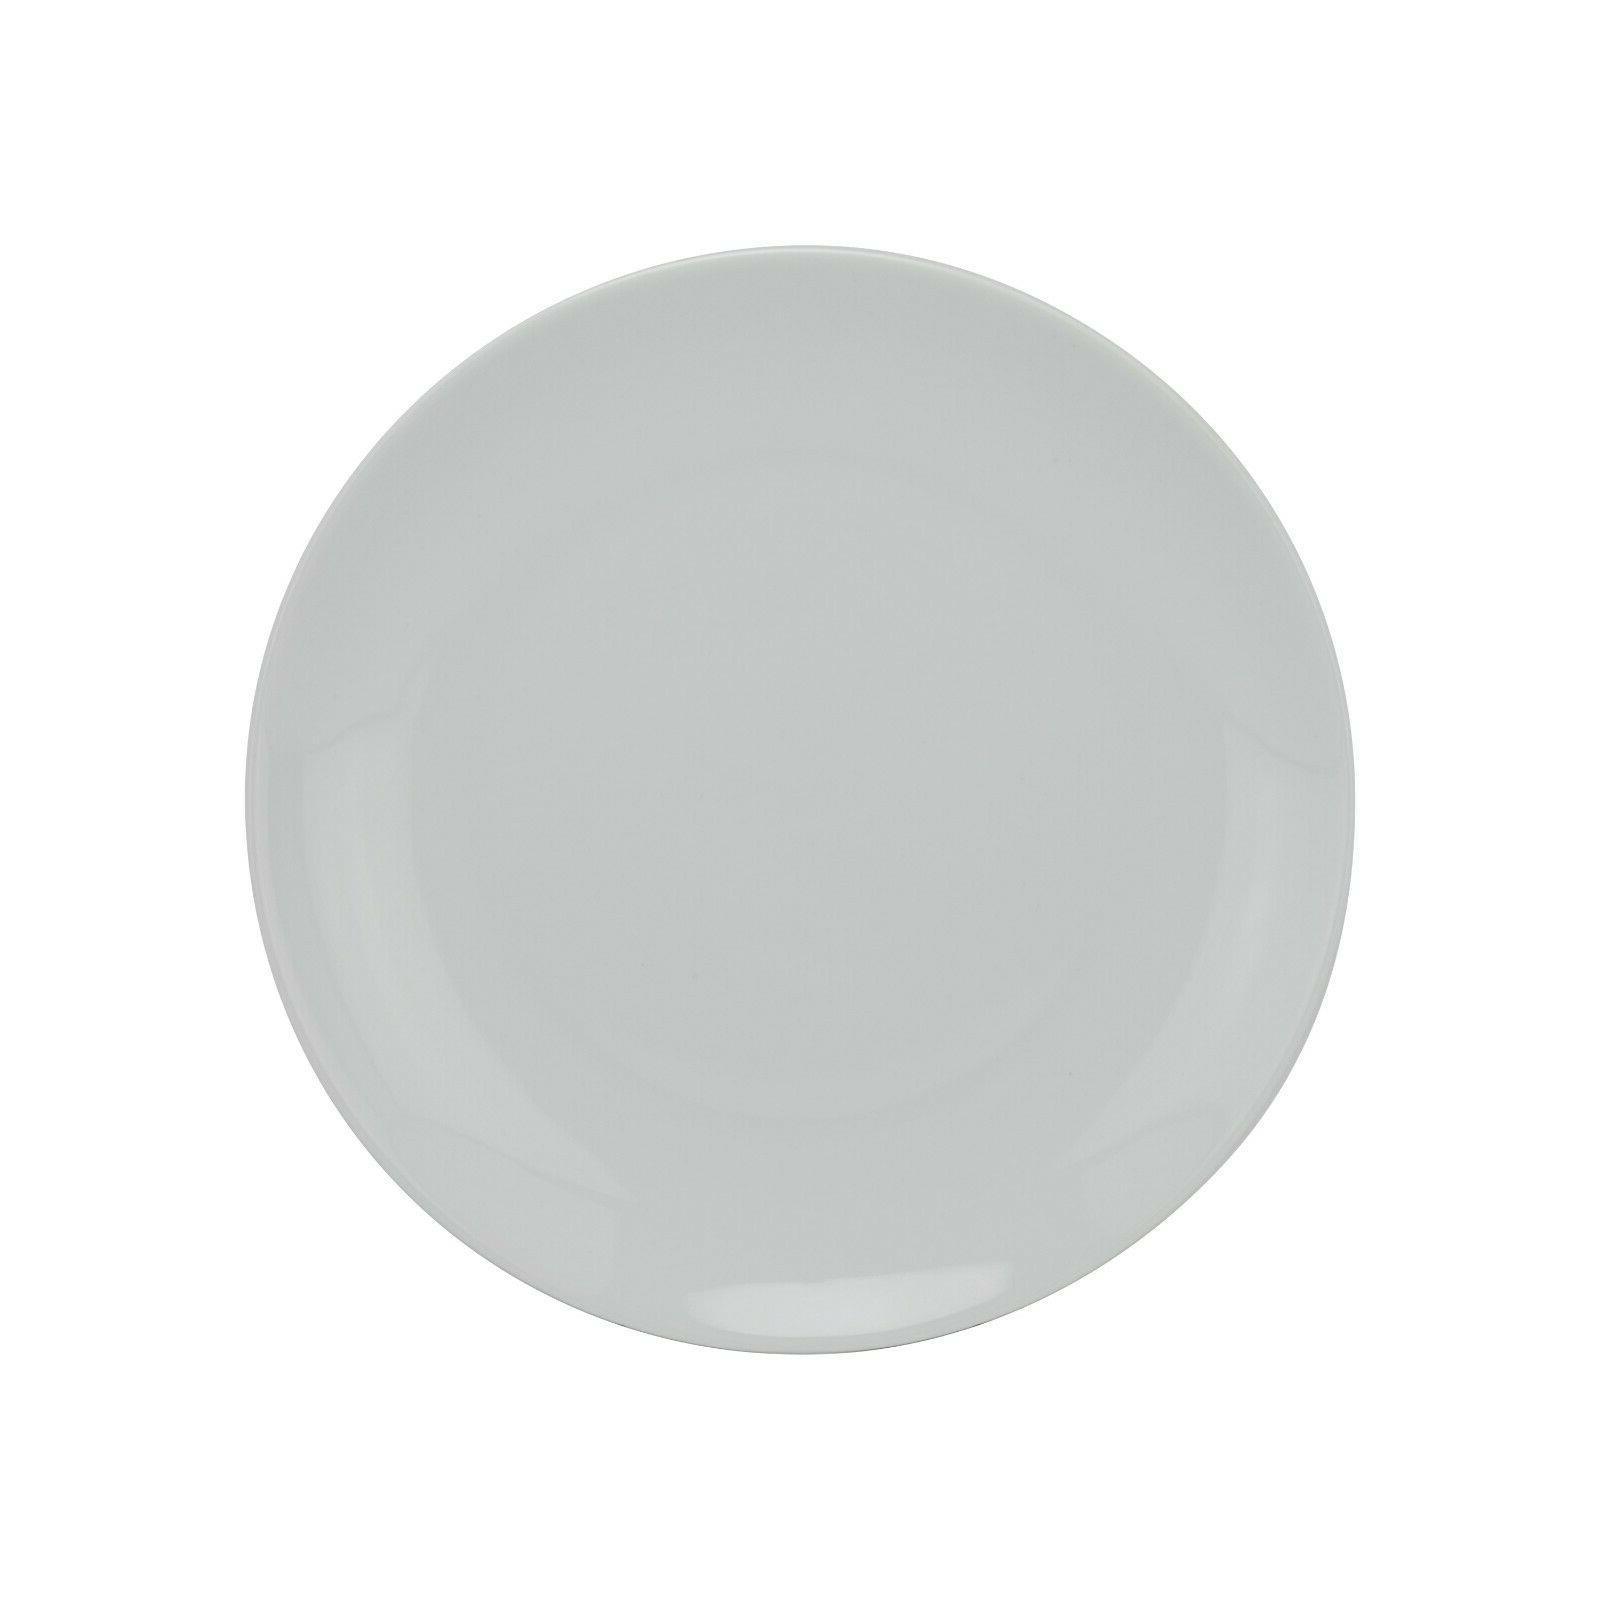 10 White Coupe 16-Piece Set